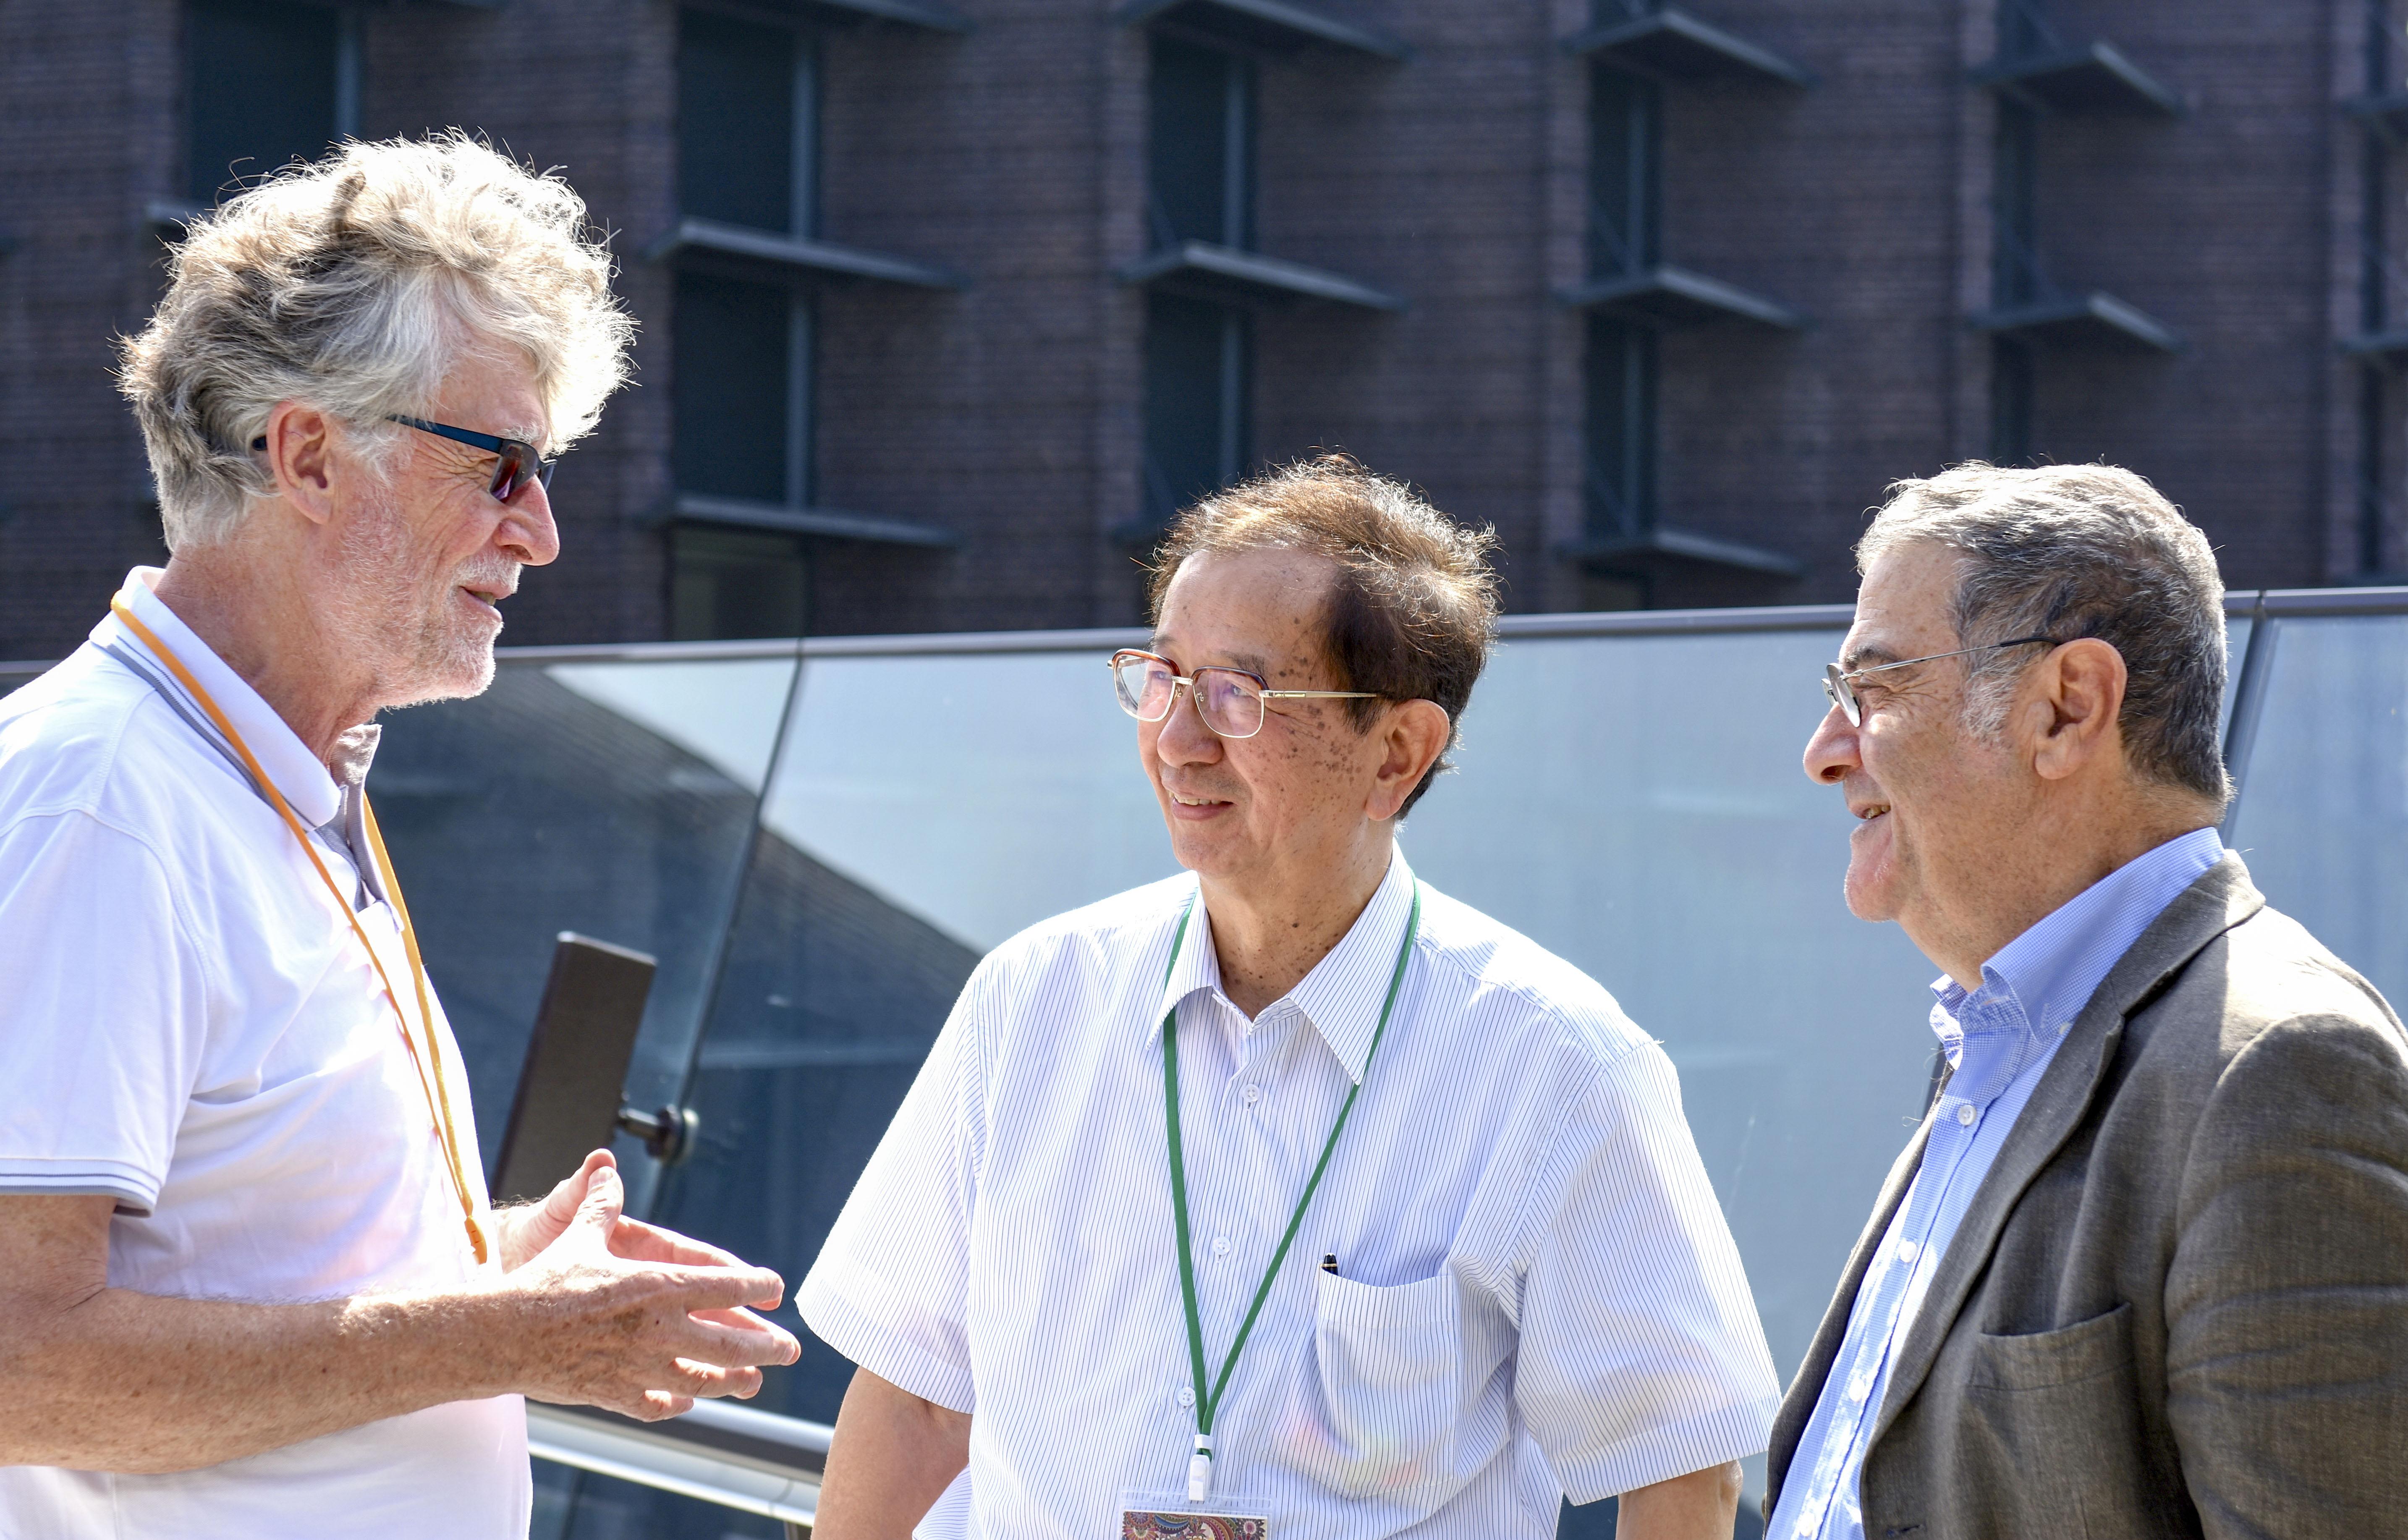 アルブレヒト・ワグナー博士、李遠哲博士、セルジュ・アロシュ博士